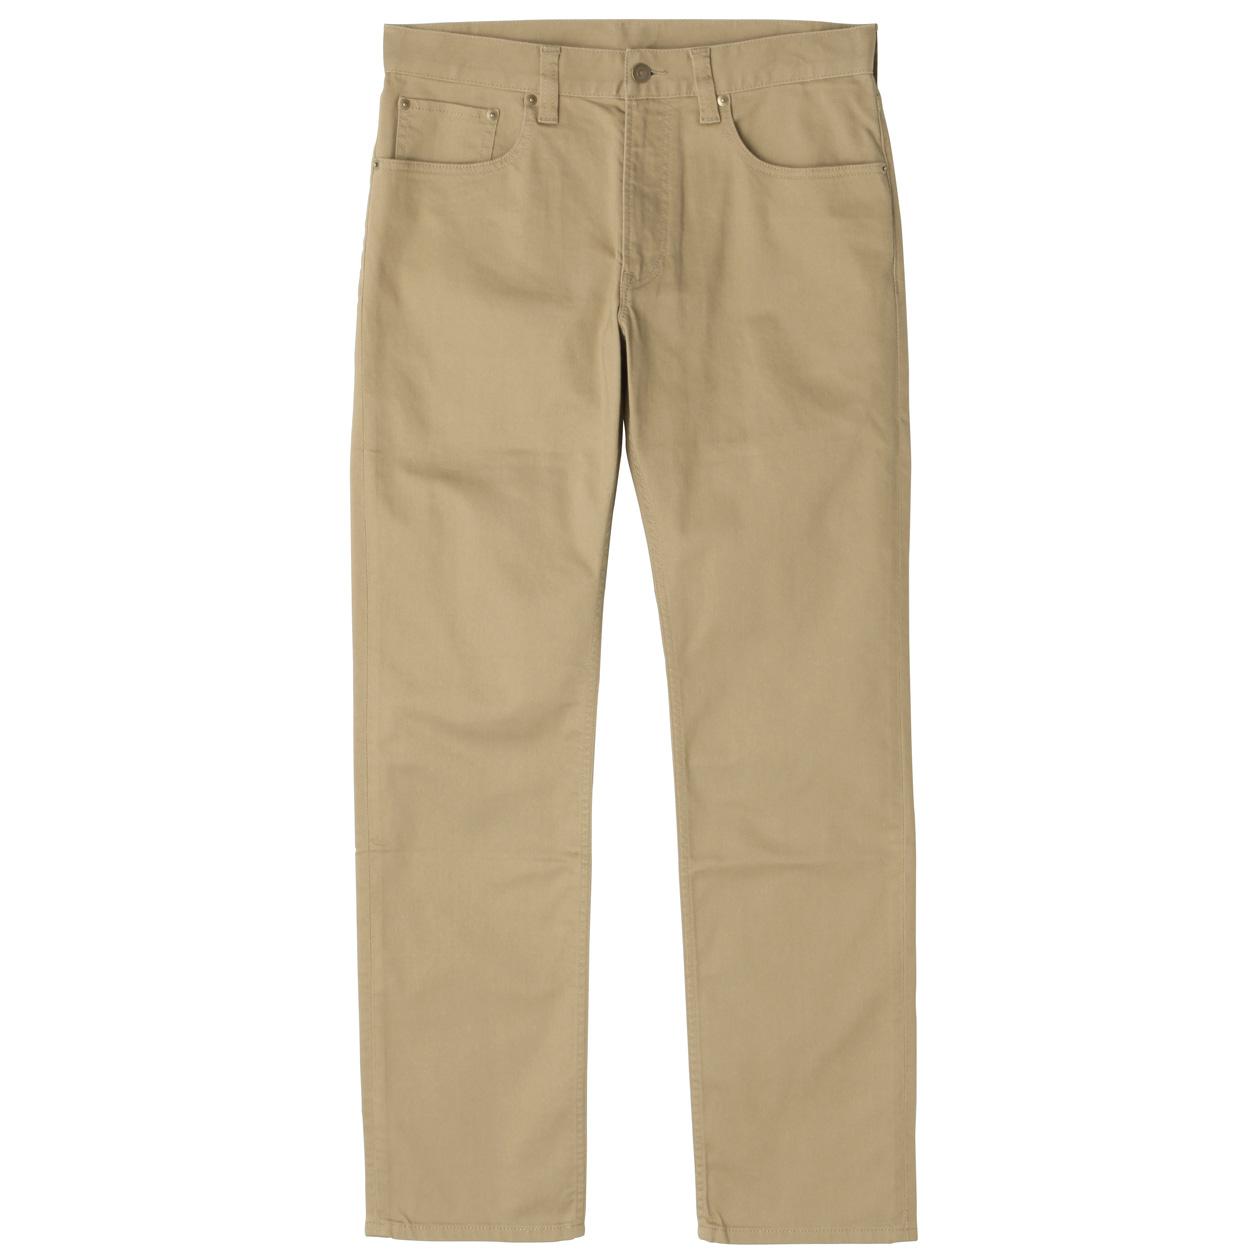 Кожаные брюки интернет магазин